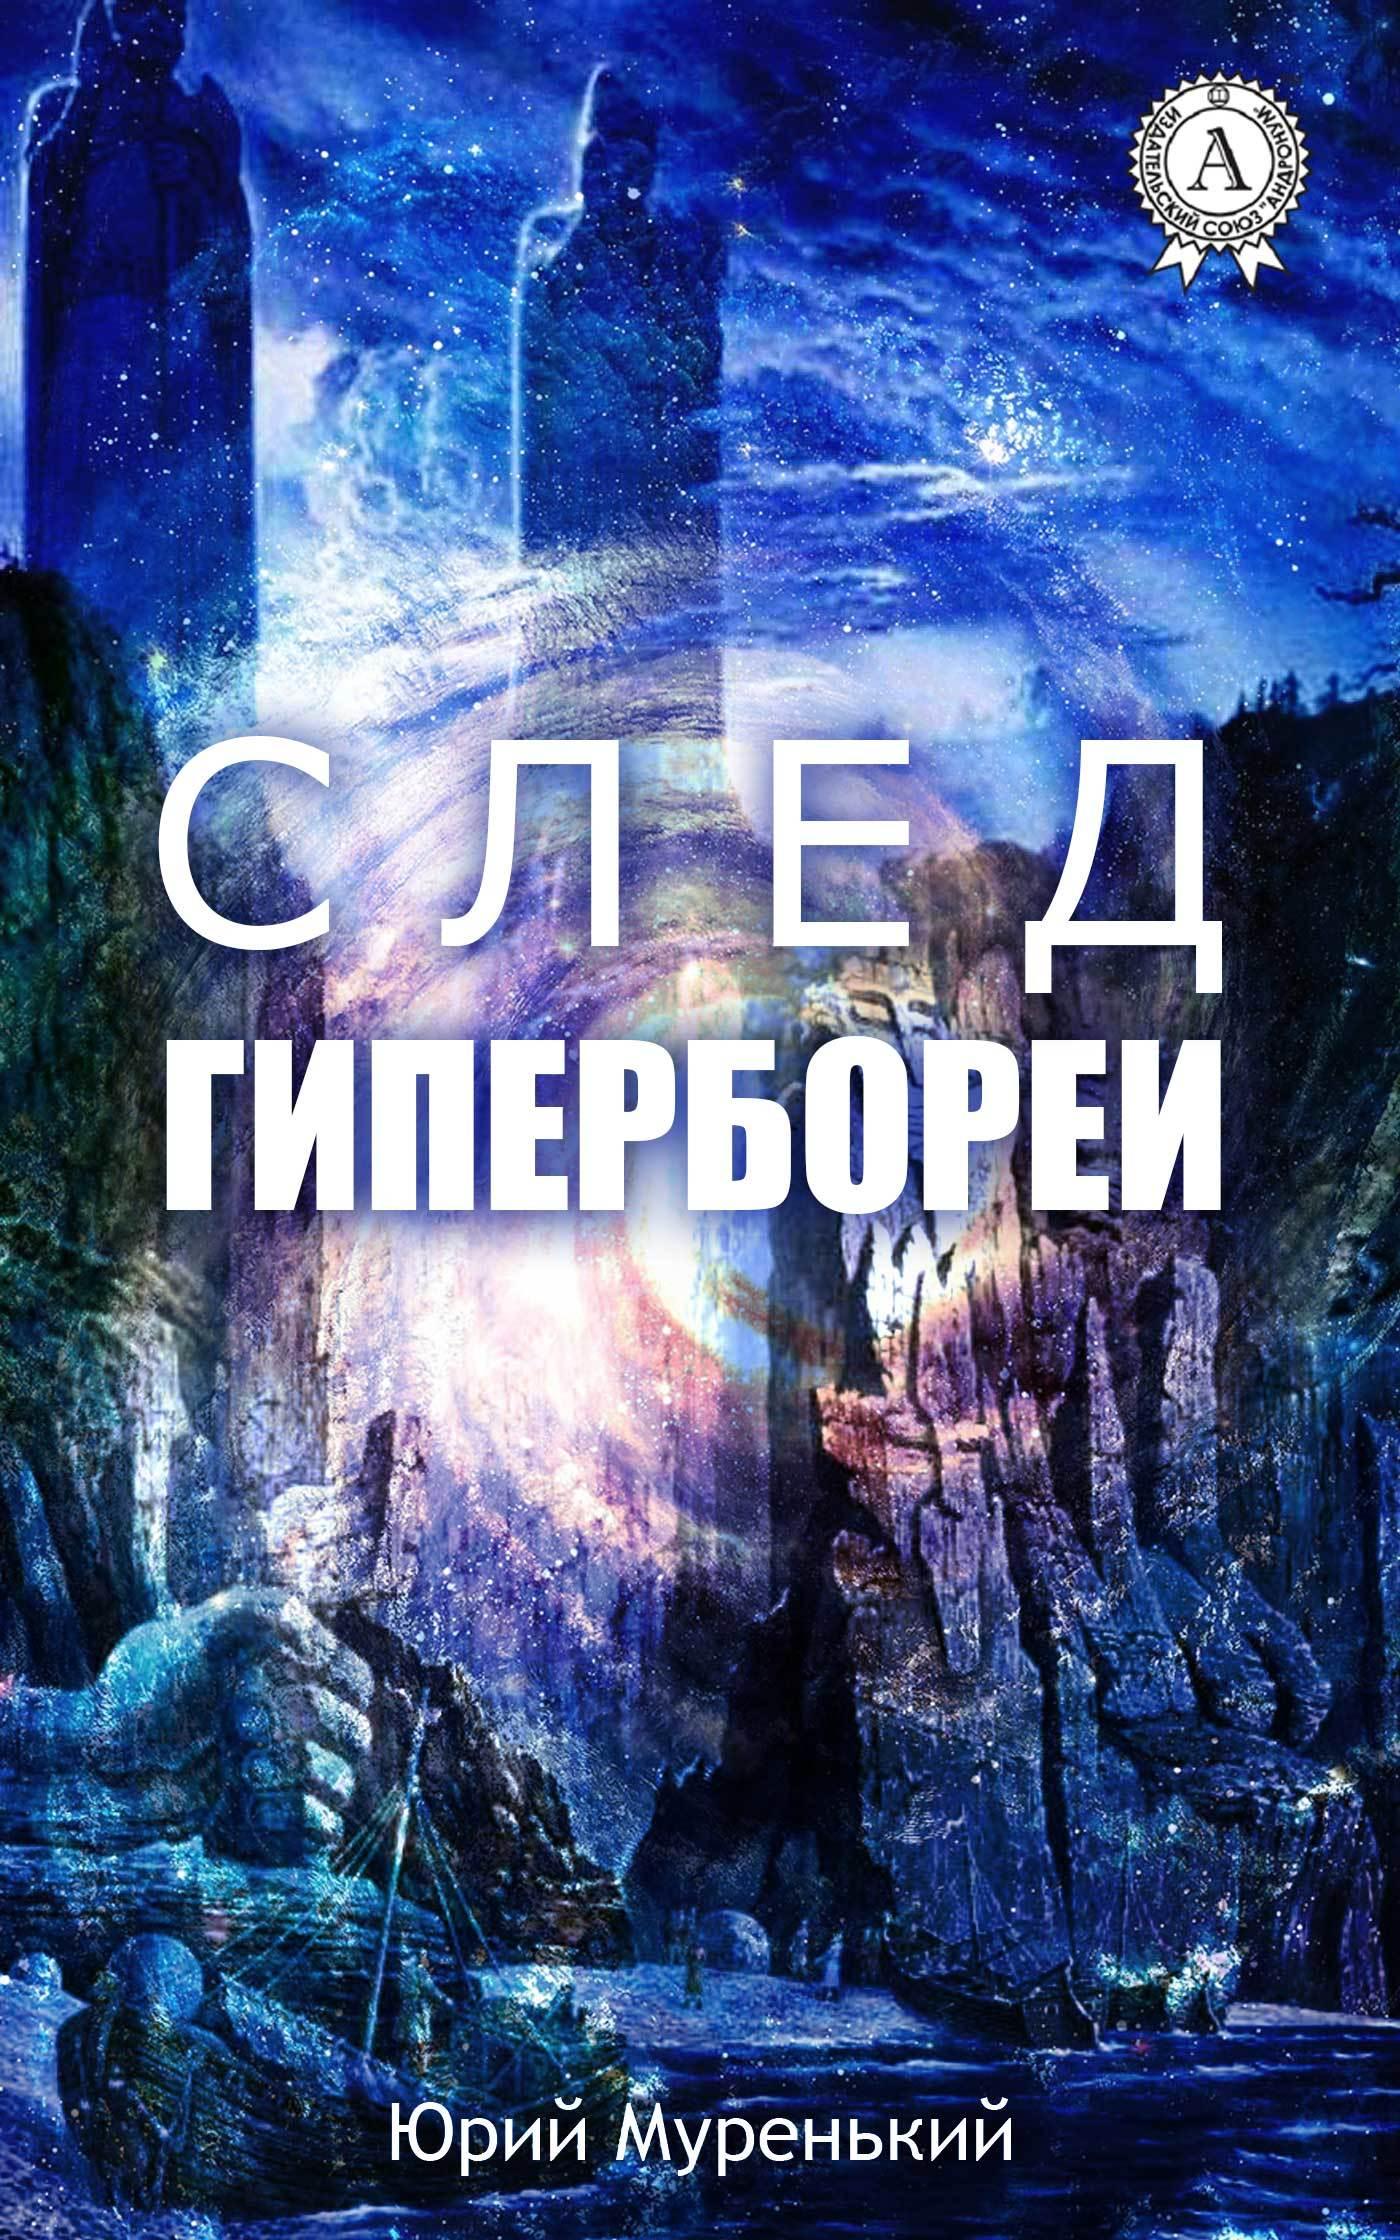 Юрий Муренький - След Гипербореи